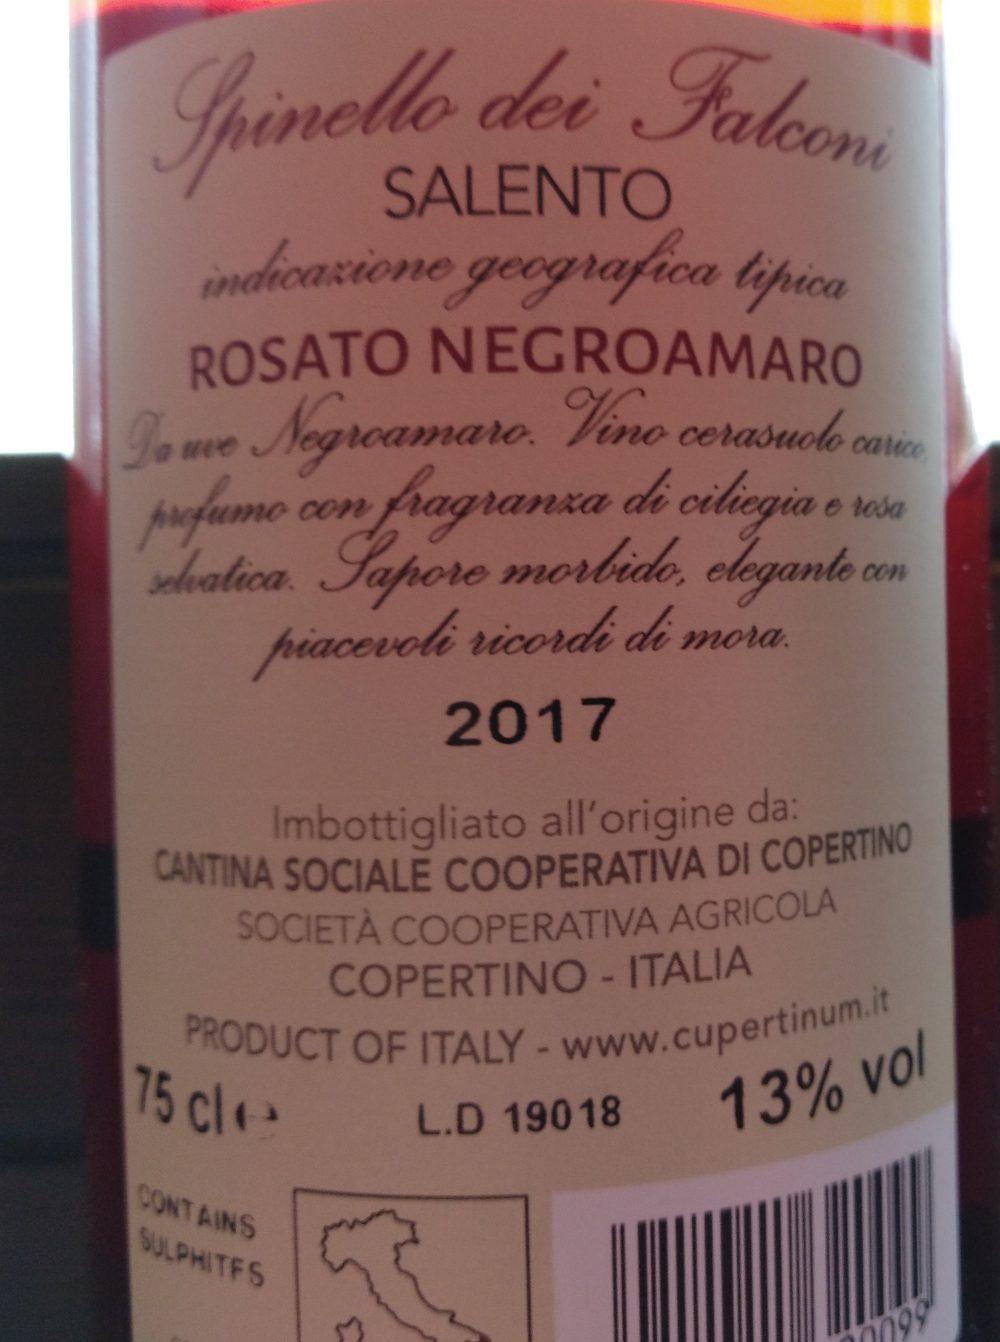 Controetichetta Spinello dei Falconi Rosato Negroamaro Salento Igt 2017 - Cupertinum